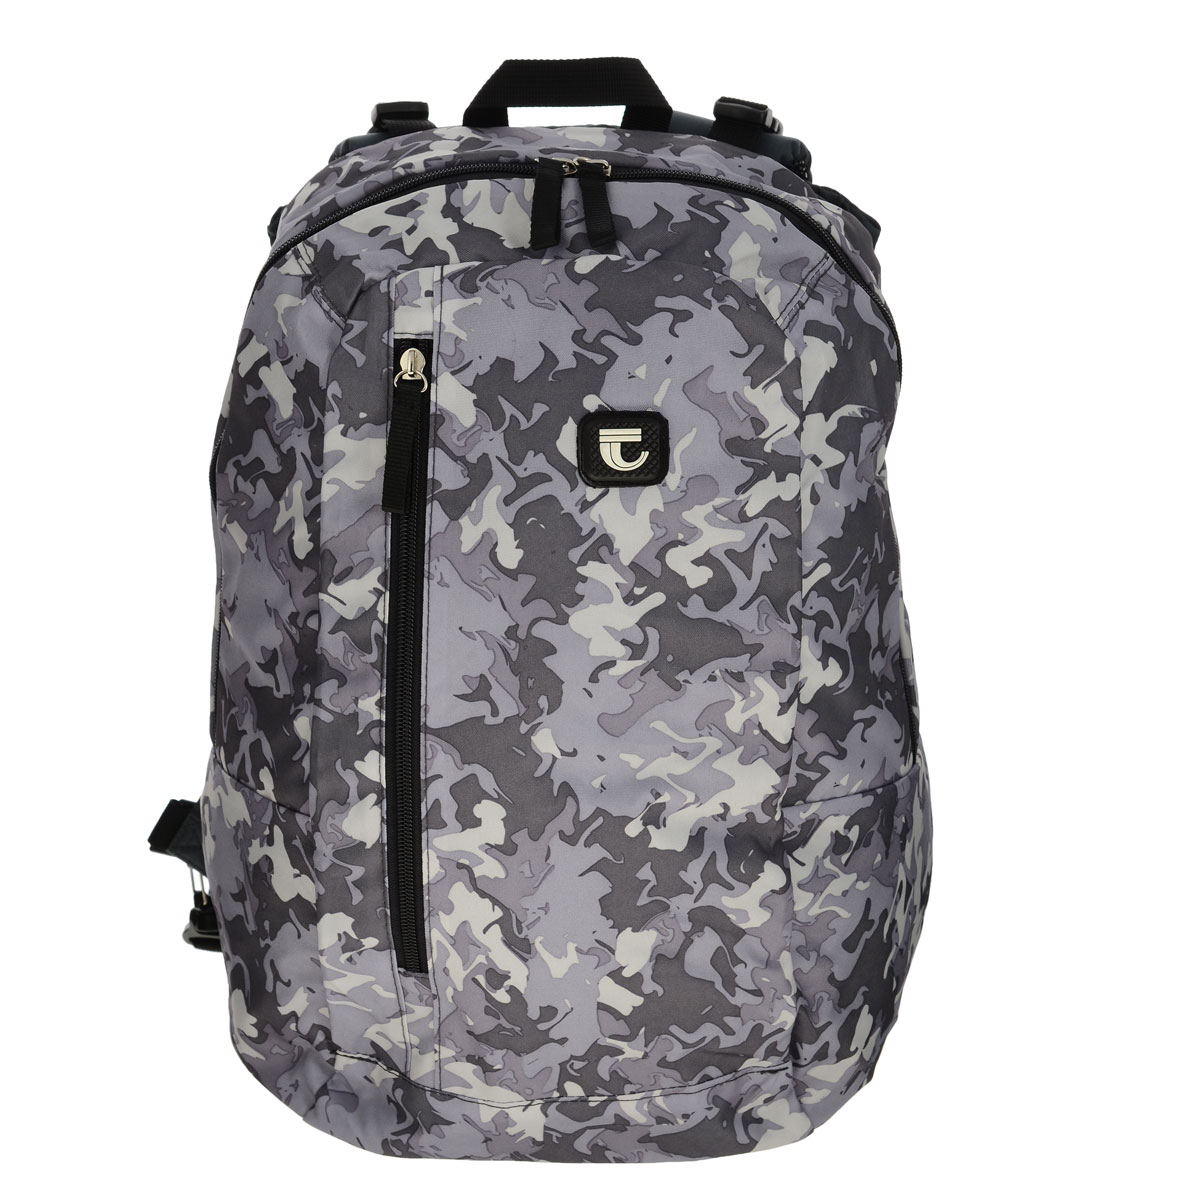 Рюкзак двойной Tiger, цвет: серый81010/TGРюкзак Tiger изготовлен из качественного полиэстера, характеризующегося повышенной износостойкостью.Отстегивающаяся задняя дополнительная панель с регулируемыми лямками, позволяет менять расцветку рюкзака на камуфляжную. При изменении рюкзака, он будет иметь одно основное отделение на молнии, дополнительный карман на вертикальной молнии, регулируемые сверху и снизу задние лямки с сетчатой набивкой.